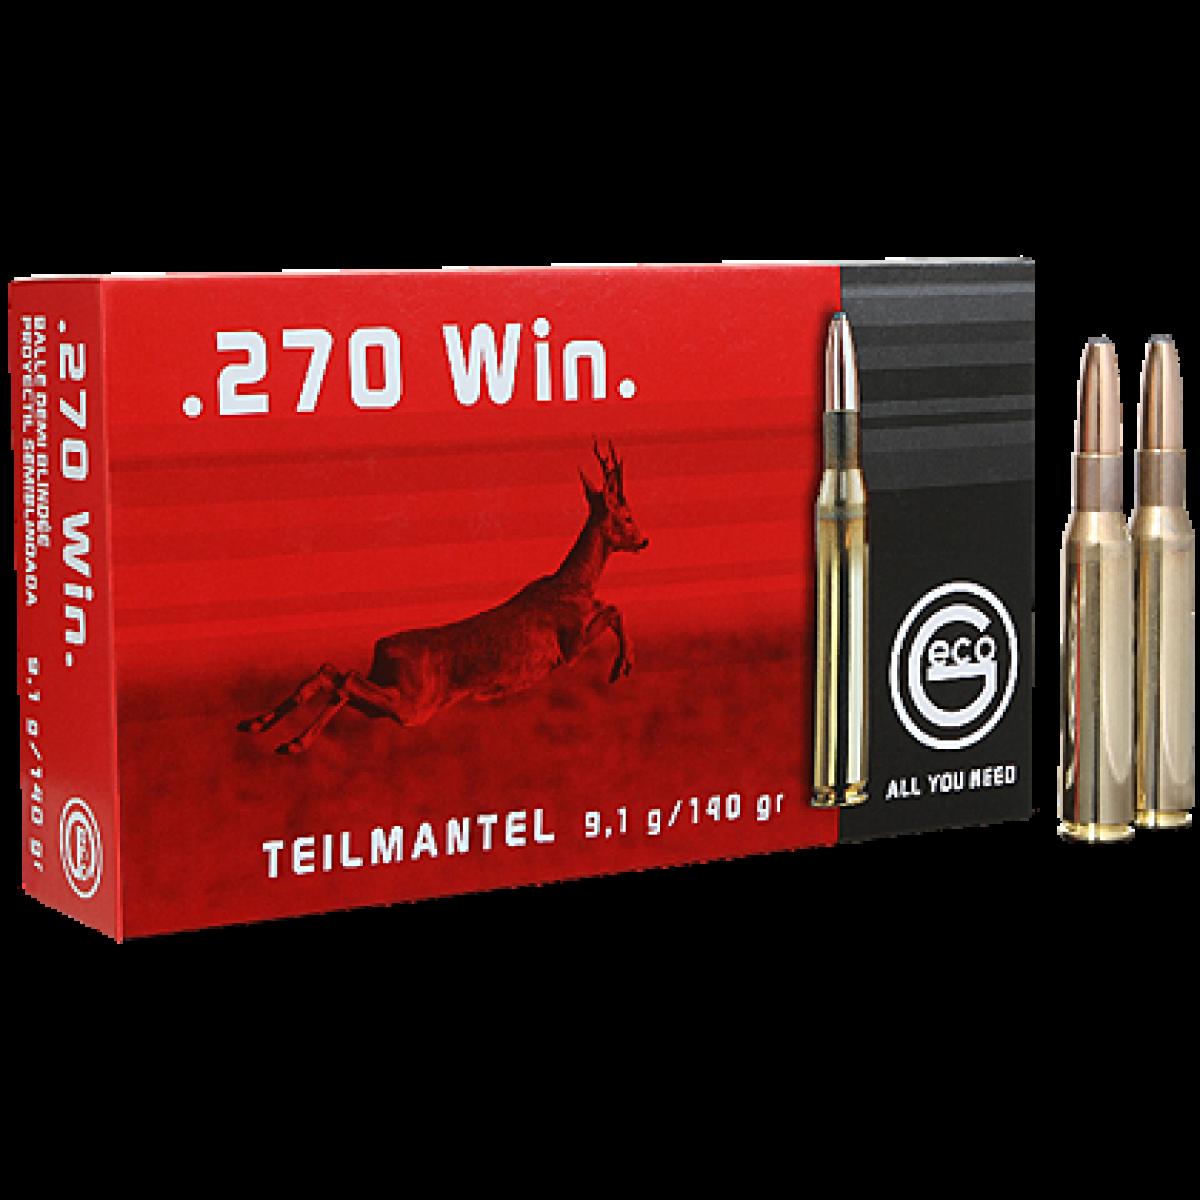 Metak Geco 270 Win Teilmantel 9.1g